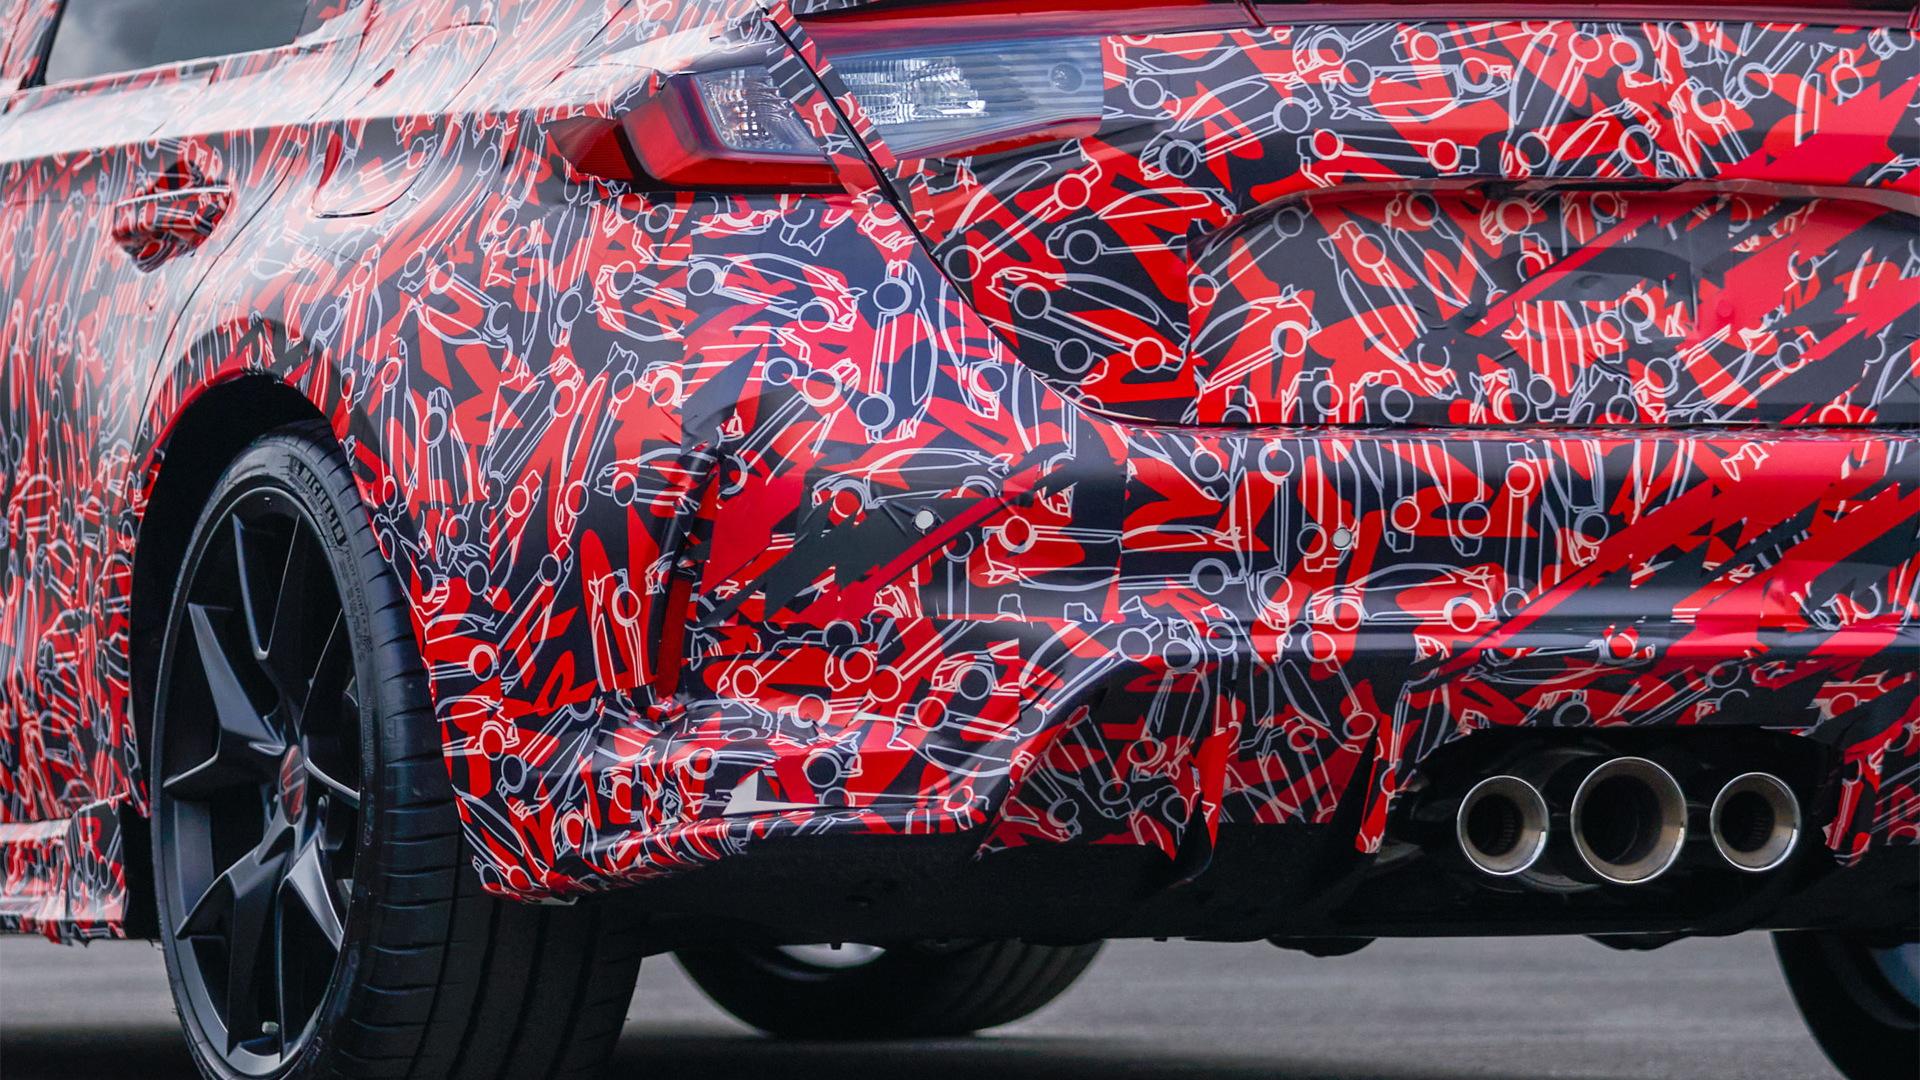 2023 Honda Civic Type R teased ahead of 2022 debut